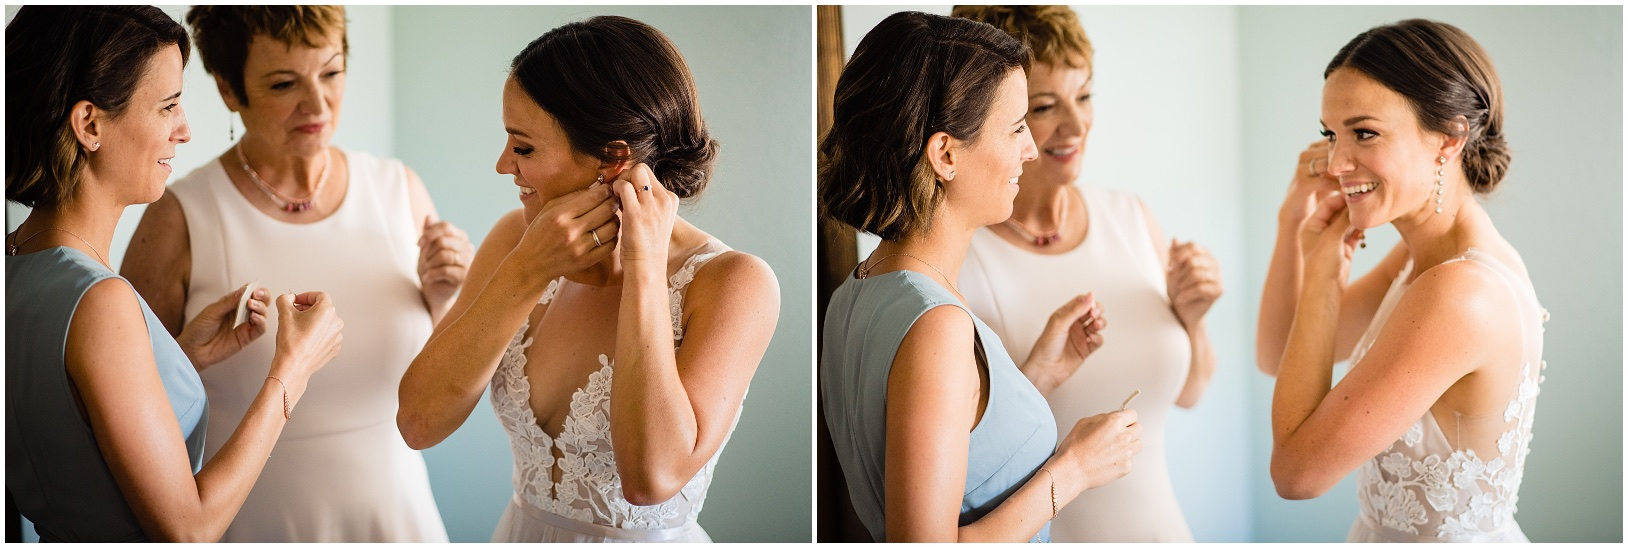 lindseyjane_weddings0008.jpg